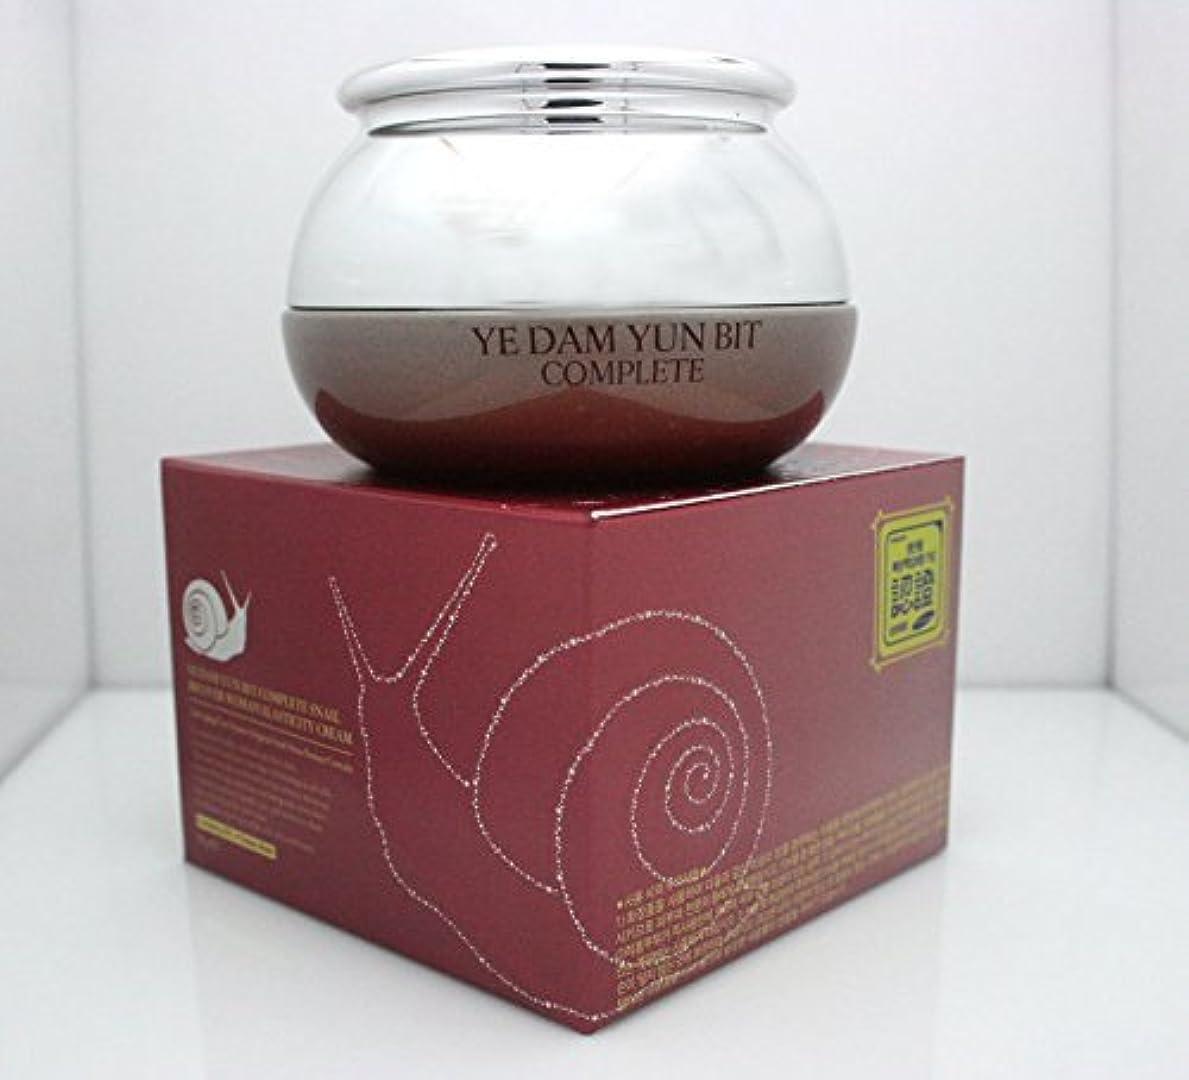 受け継ぐ応答曖昧な[YEDAM YUNBIT] 完全なカタツムリ?リフト?リフティング?クリーム50g/韓国化粧品/Complete Snail Recover Lifting Cream 50g/Korean cosmetics [並行輸入品]